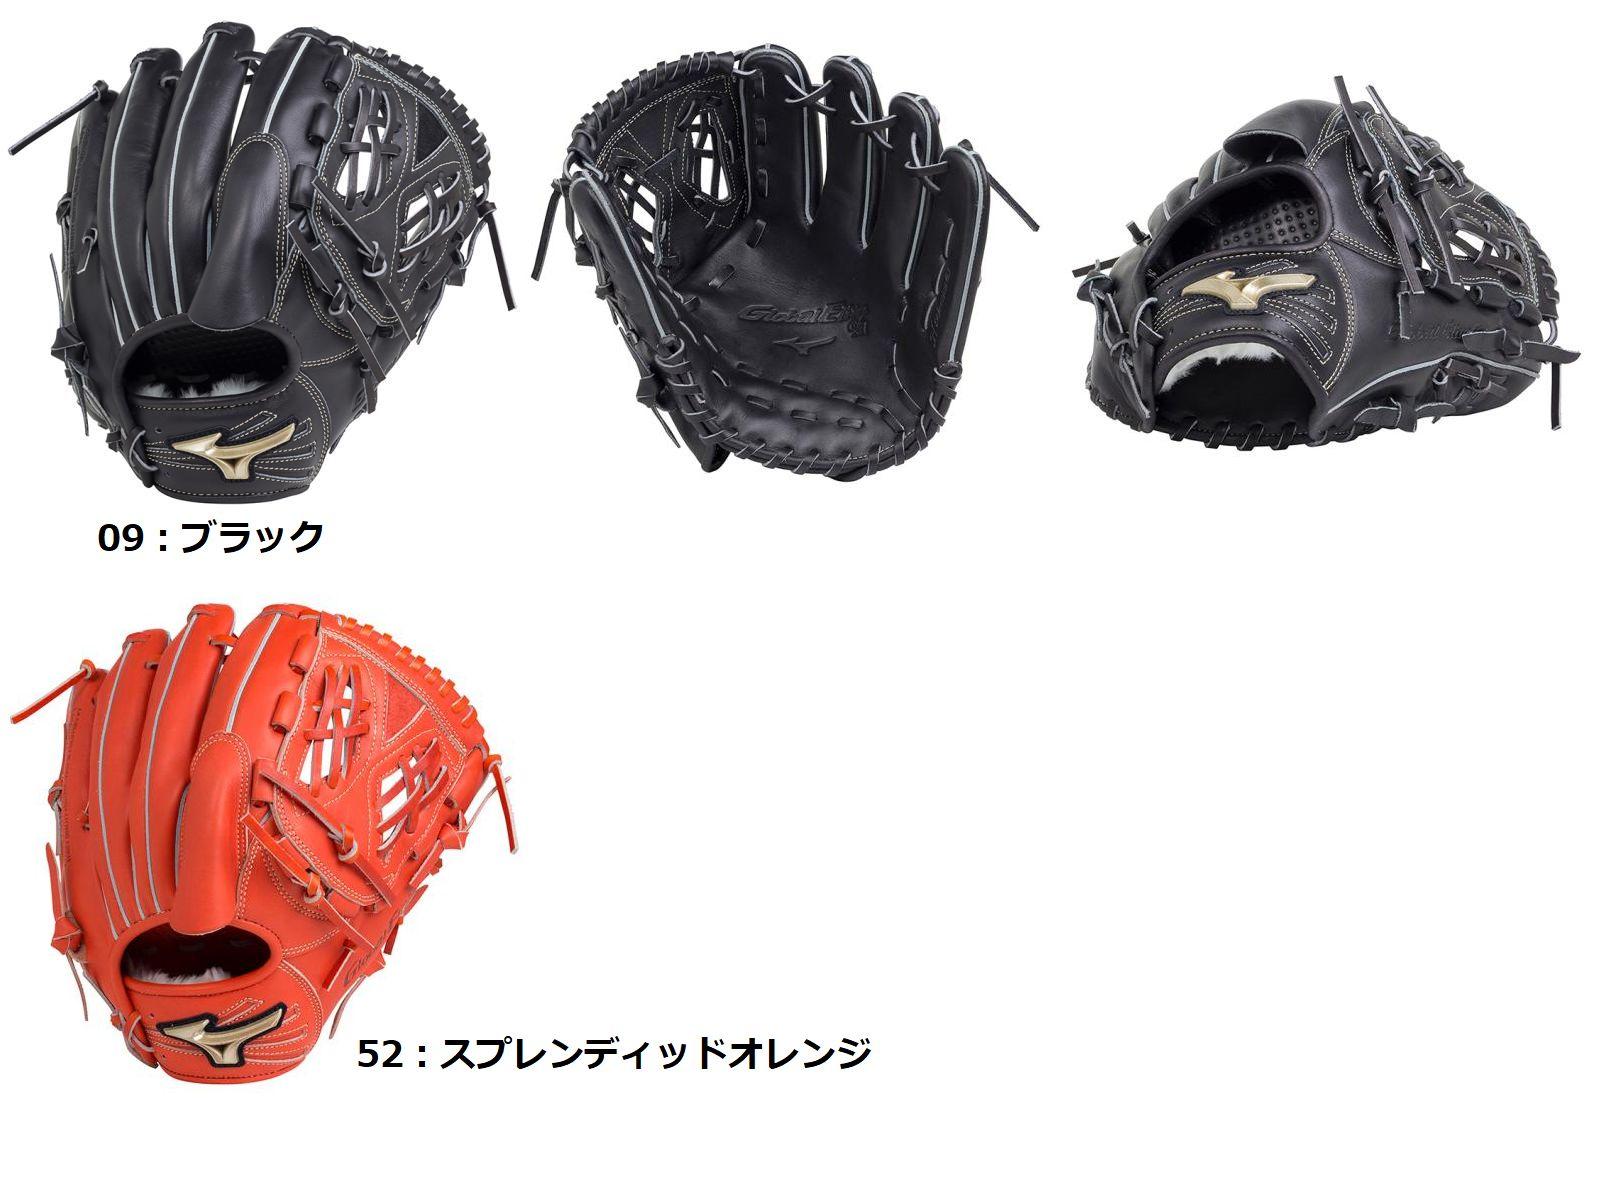 【Mizuno Global Elite=ミズノグローバルエリート】【Hselection02】野球 ソフトボール(1号・2号・3号) ゴールデンエイジ軟式用 グラブ グローブ【投手用/サイズGA10】(10~14歳向け)【カラー:2色展開】(右投用/左投用)